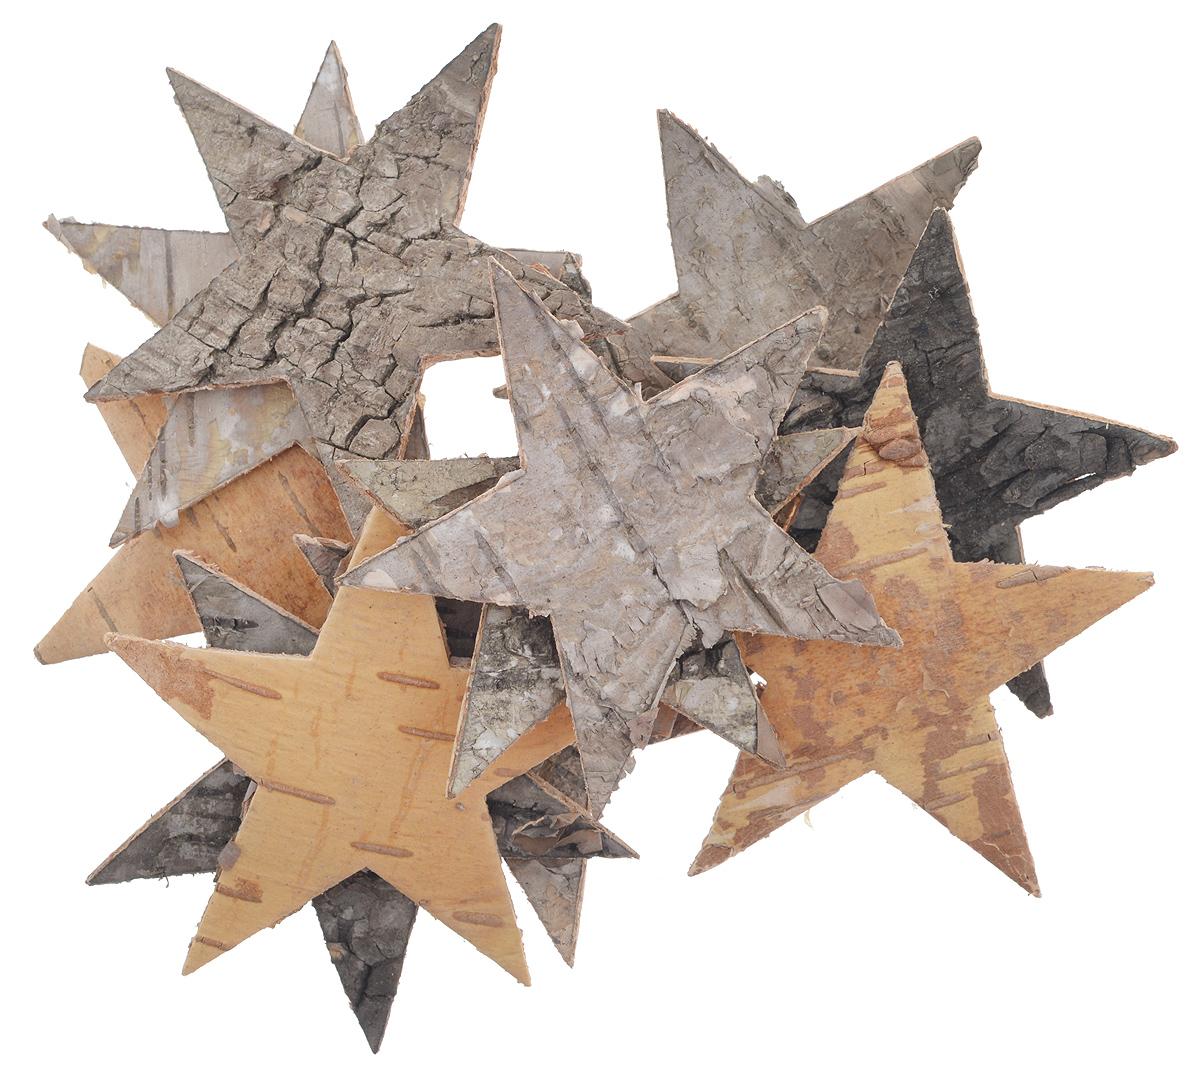 Декоративный элемент Dongjiang Art Звезда, цвет: натуральное дерево, 12 шт7709007_нат/деревоДекоративный элемент Dongjiang Art Звезда, изготовленный из натуральной коры дерева, предназначен дляукрашения цветочных композиций. Изделие выполнено в виде звезды, которое можно также использовать втехнике скрапбукинг и многом другом.Флористика - вид декоративно-прикладного искусства, который использует живые, засушенные иликонсервированные природные материалы для создания флористических работ. Это целый мир, в котором естьместо и строгому математическому расчету, и вдохновению.Размер одного элемента: 6,5 см х 5,5 см.